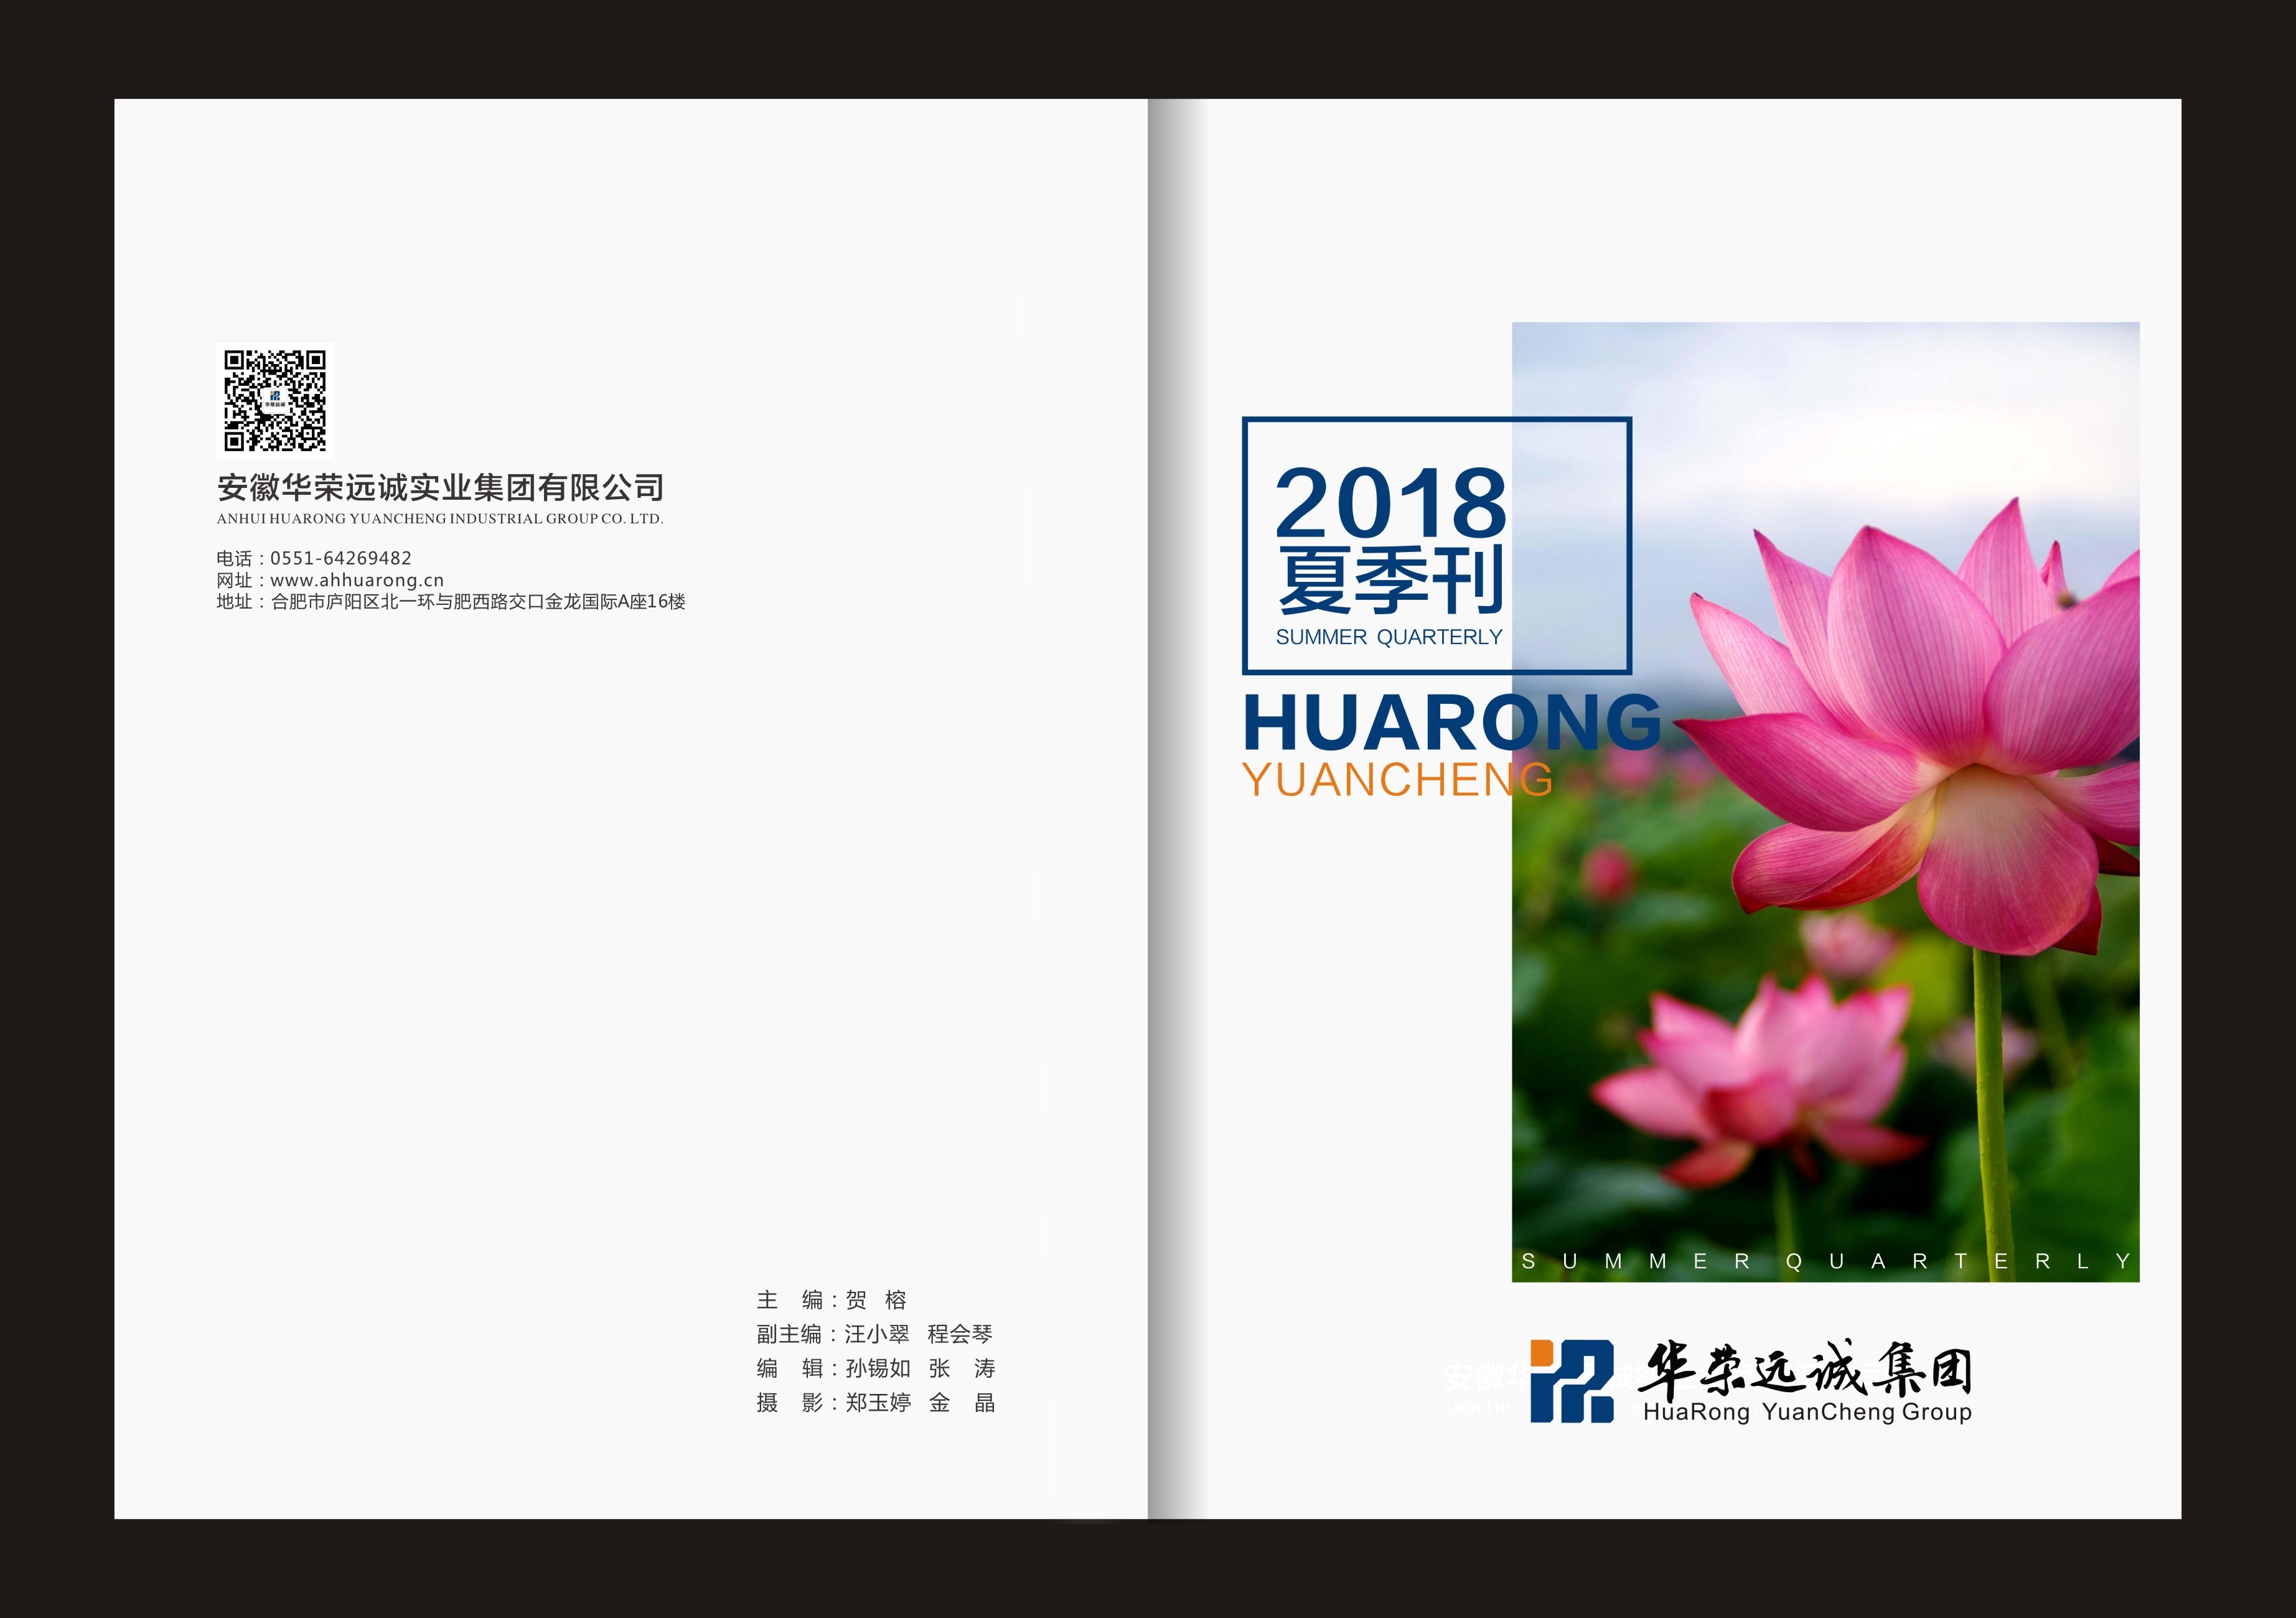 安徽 华荣集团夏季刊